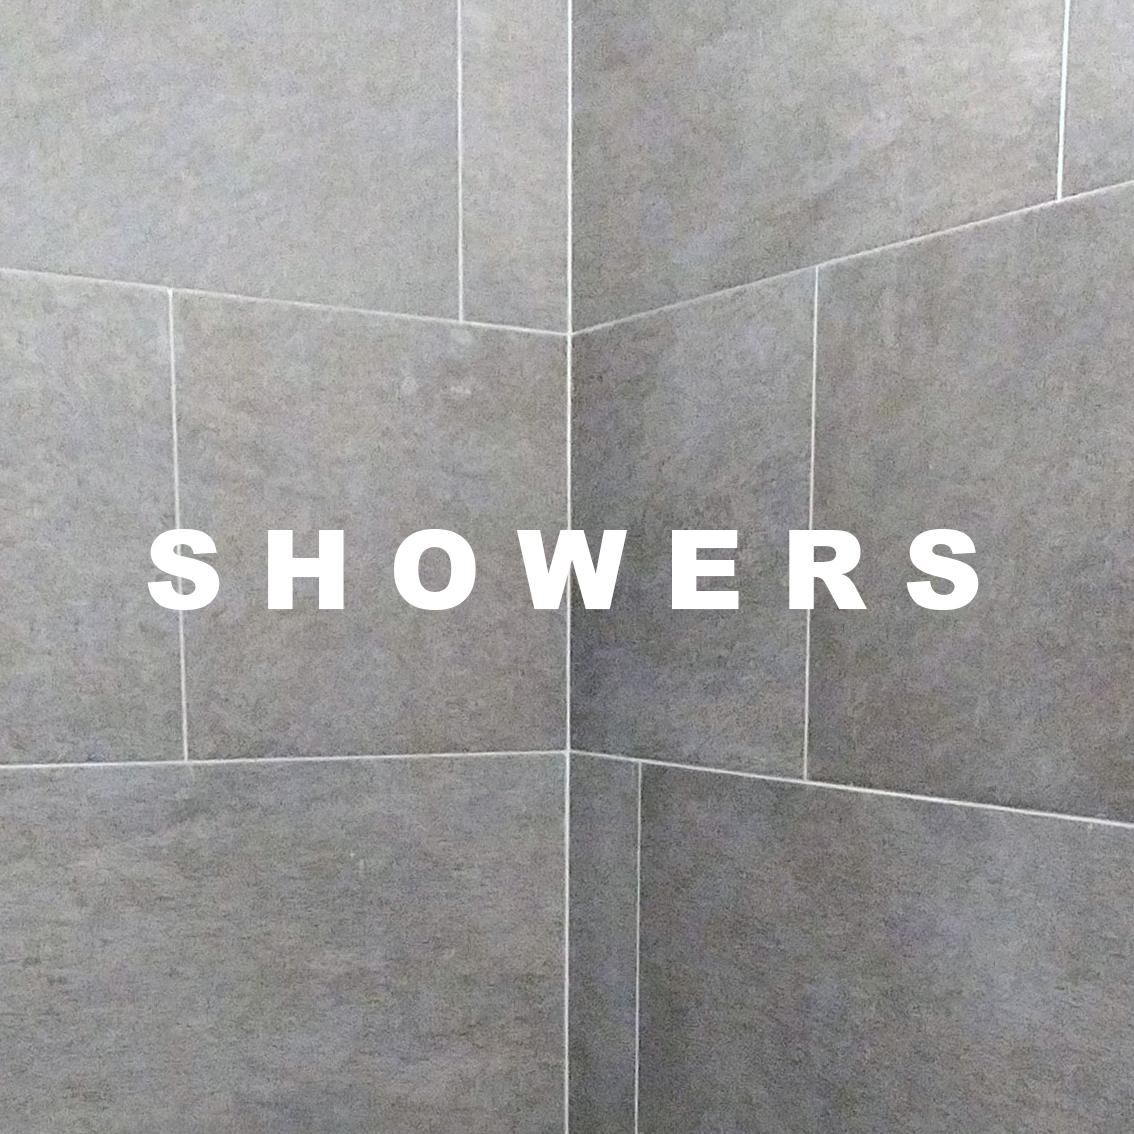 showernew.jpg